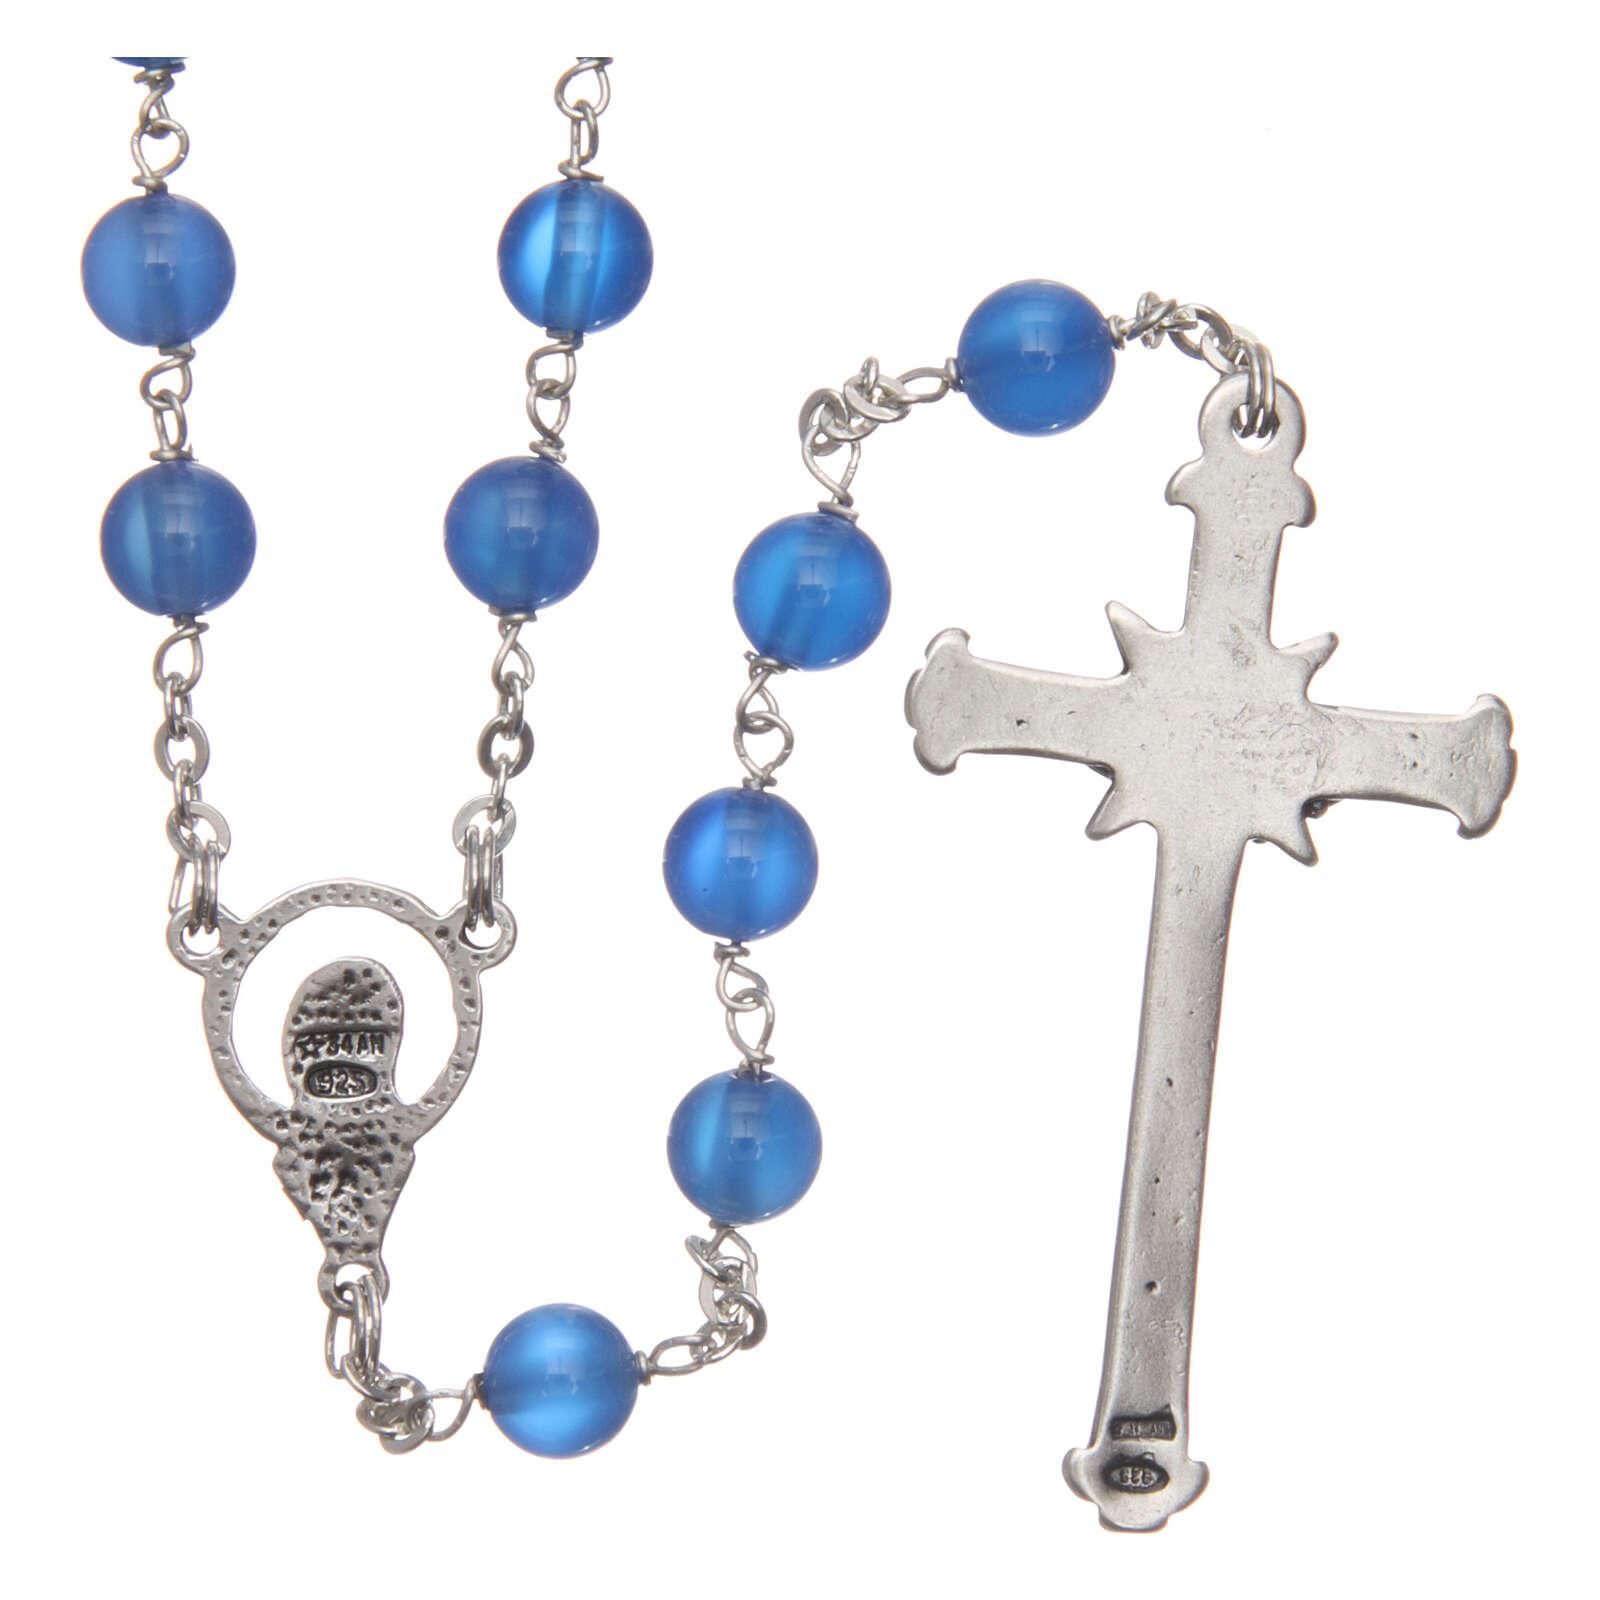 Rosary bleu agate 6 mm 925 silver chain 4